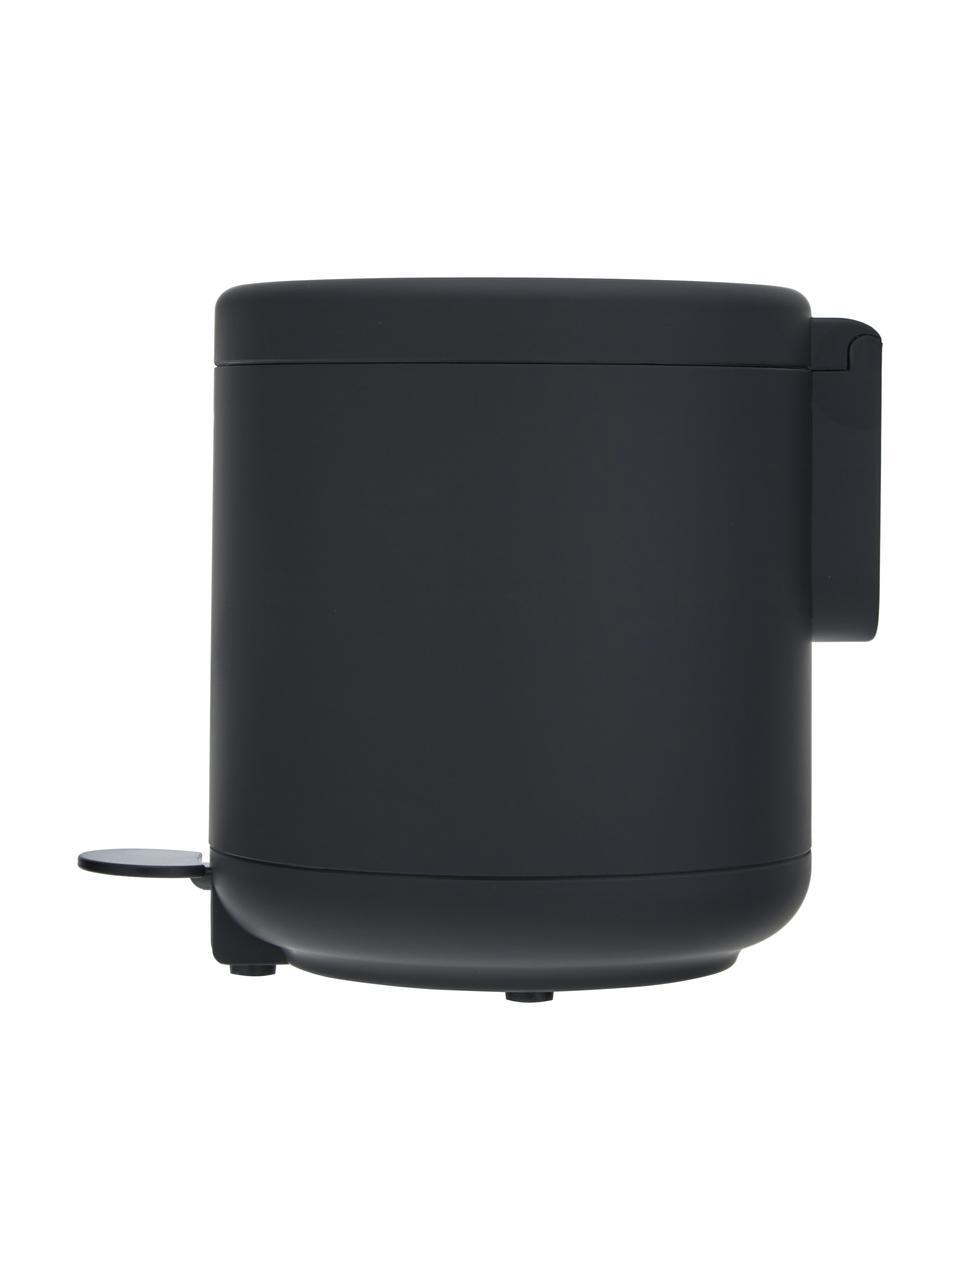 Kosz na śmieci z funkcją pedału Ume, Tworzywo sztuczne (ABS), Czarny, matowy, Ø 20 x W 22 cm